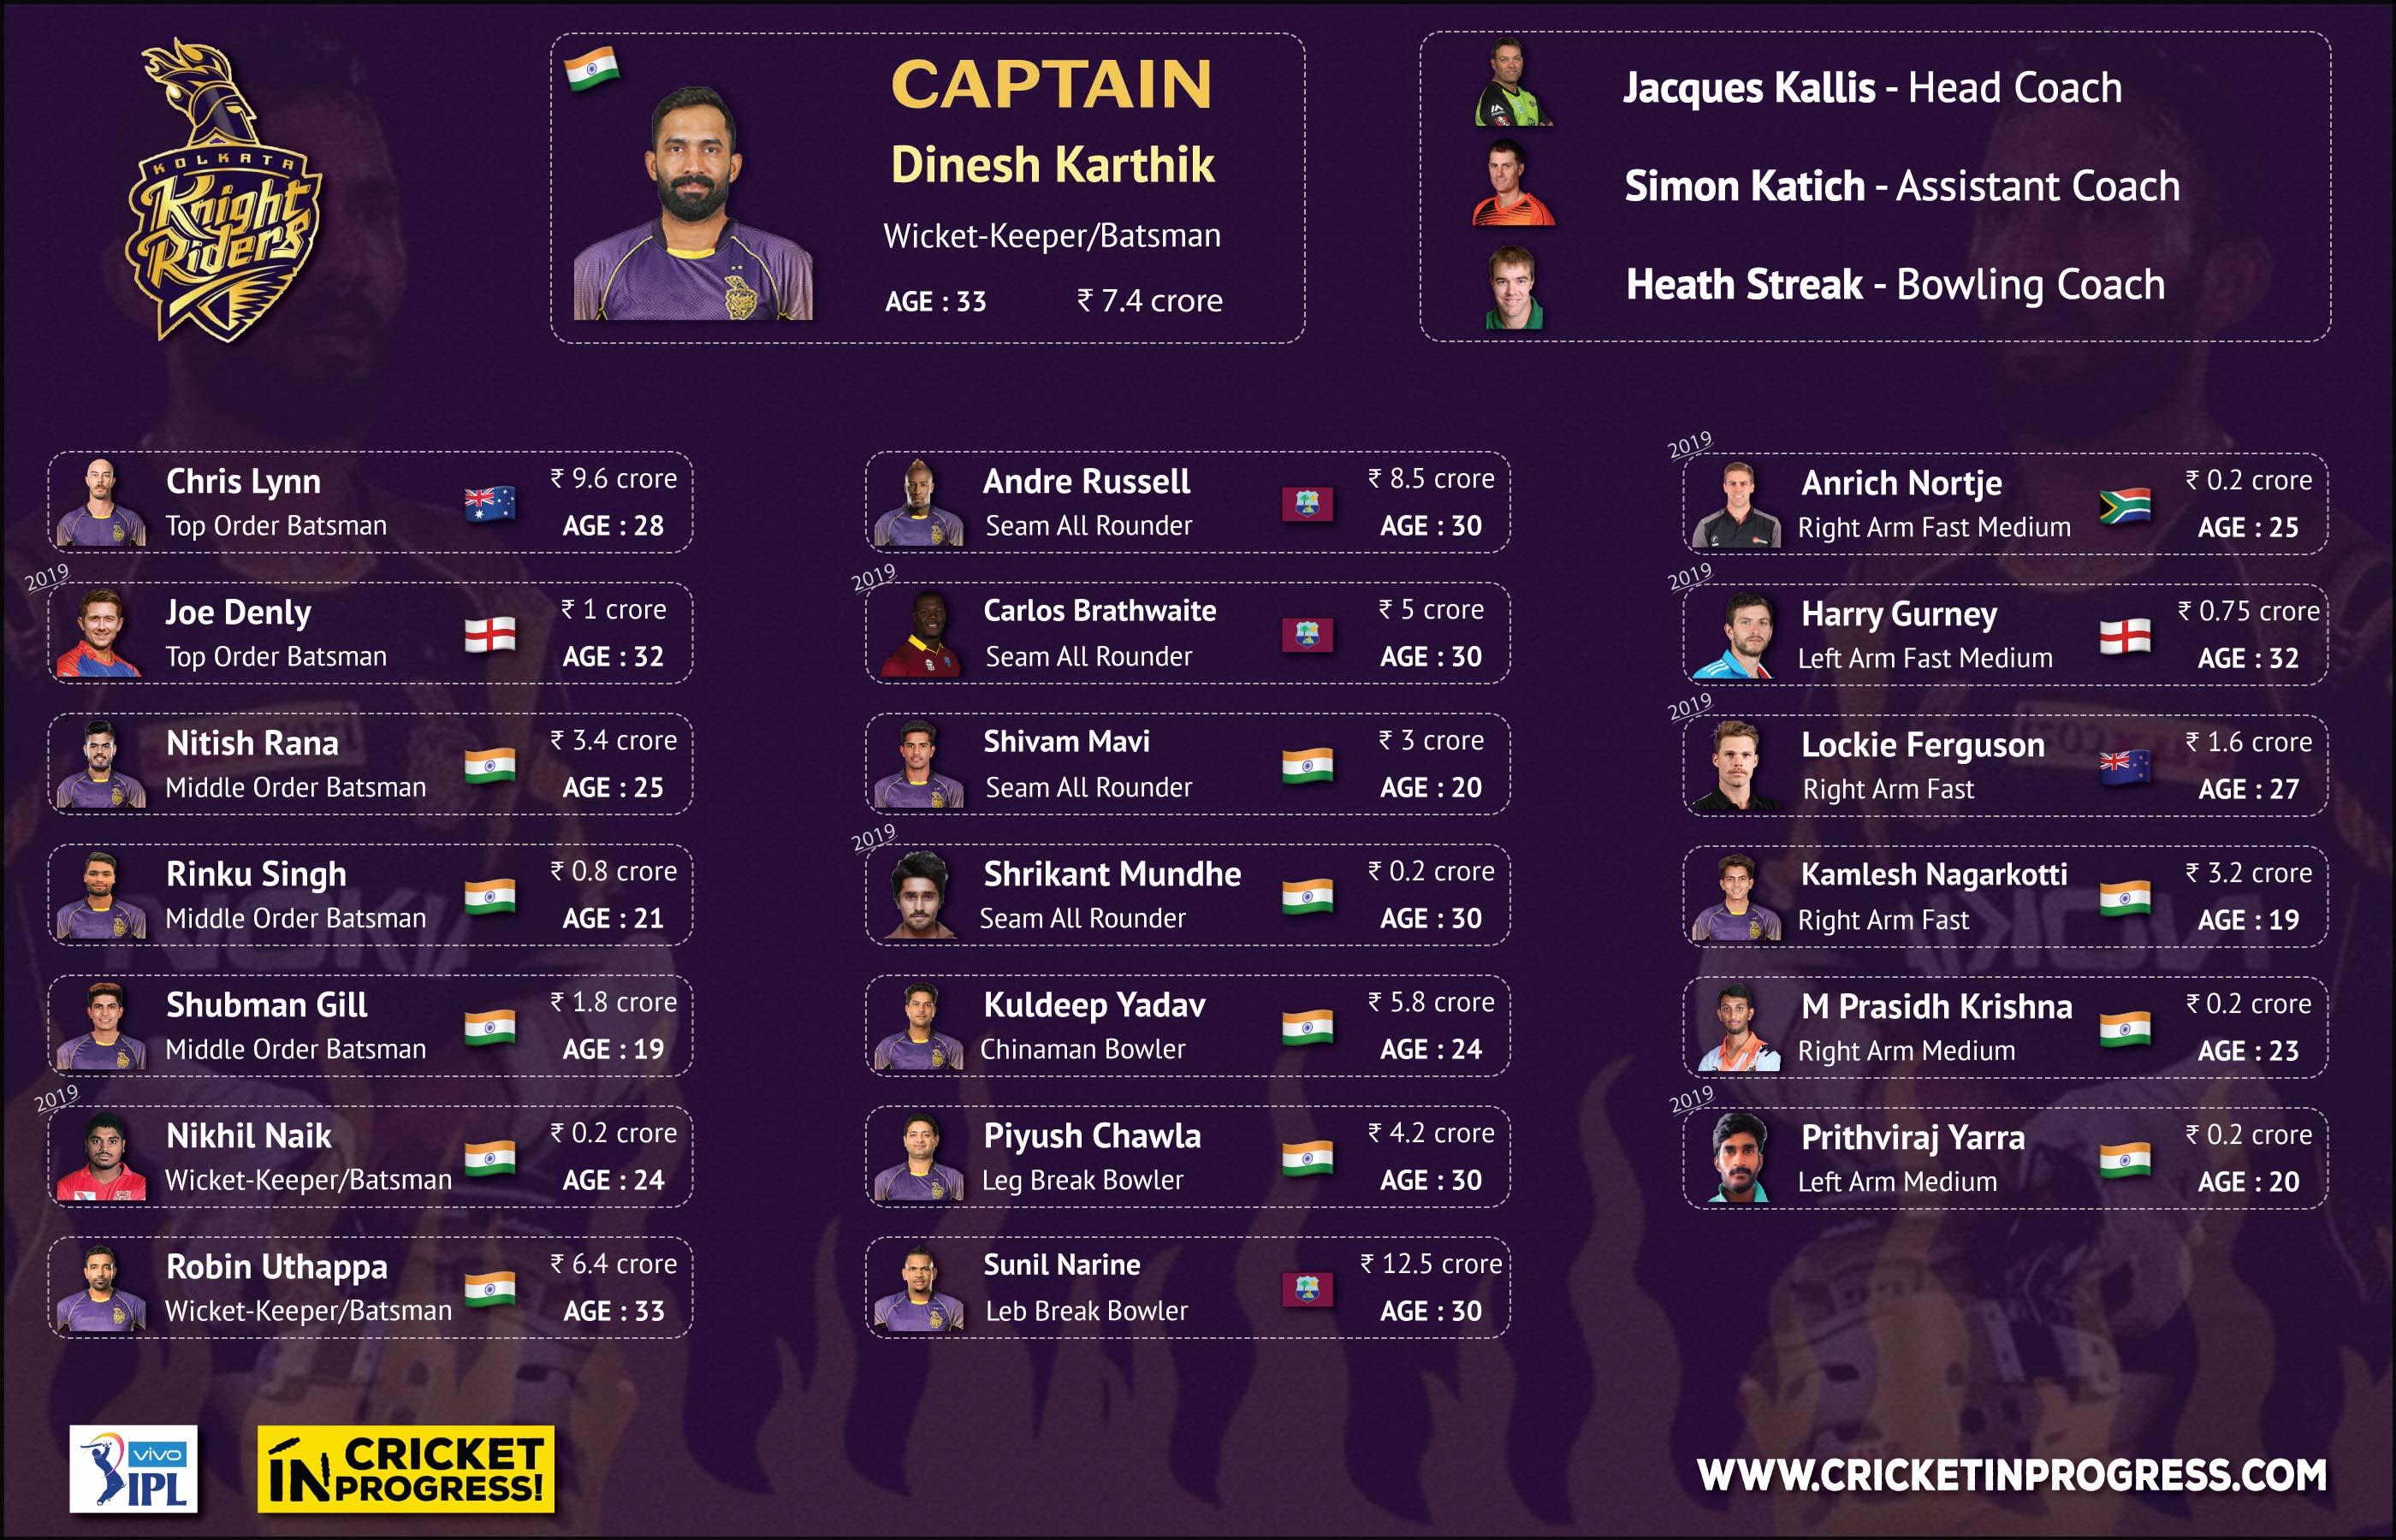 IPL 2019 KKR Roster